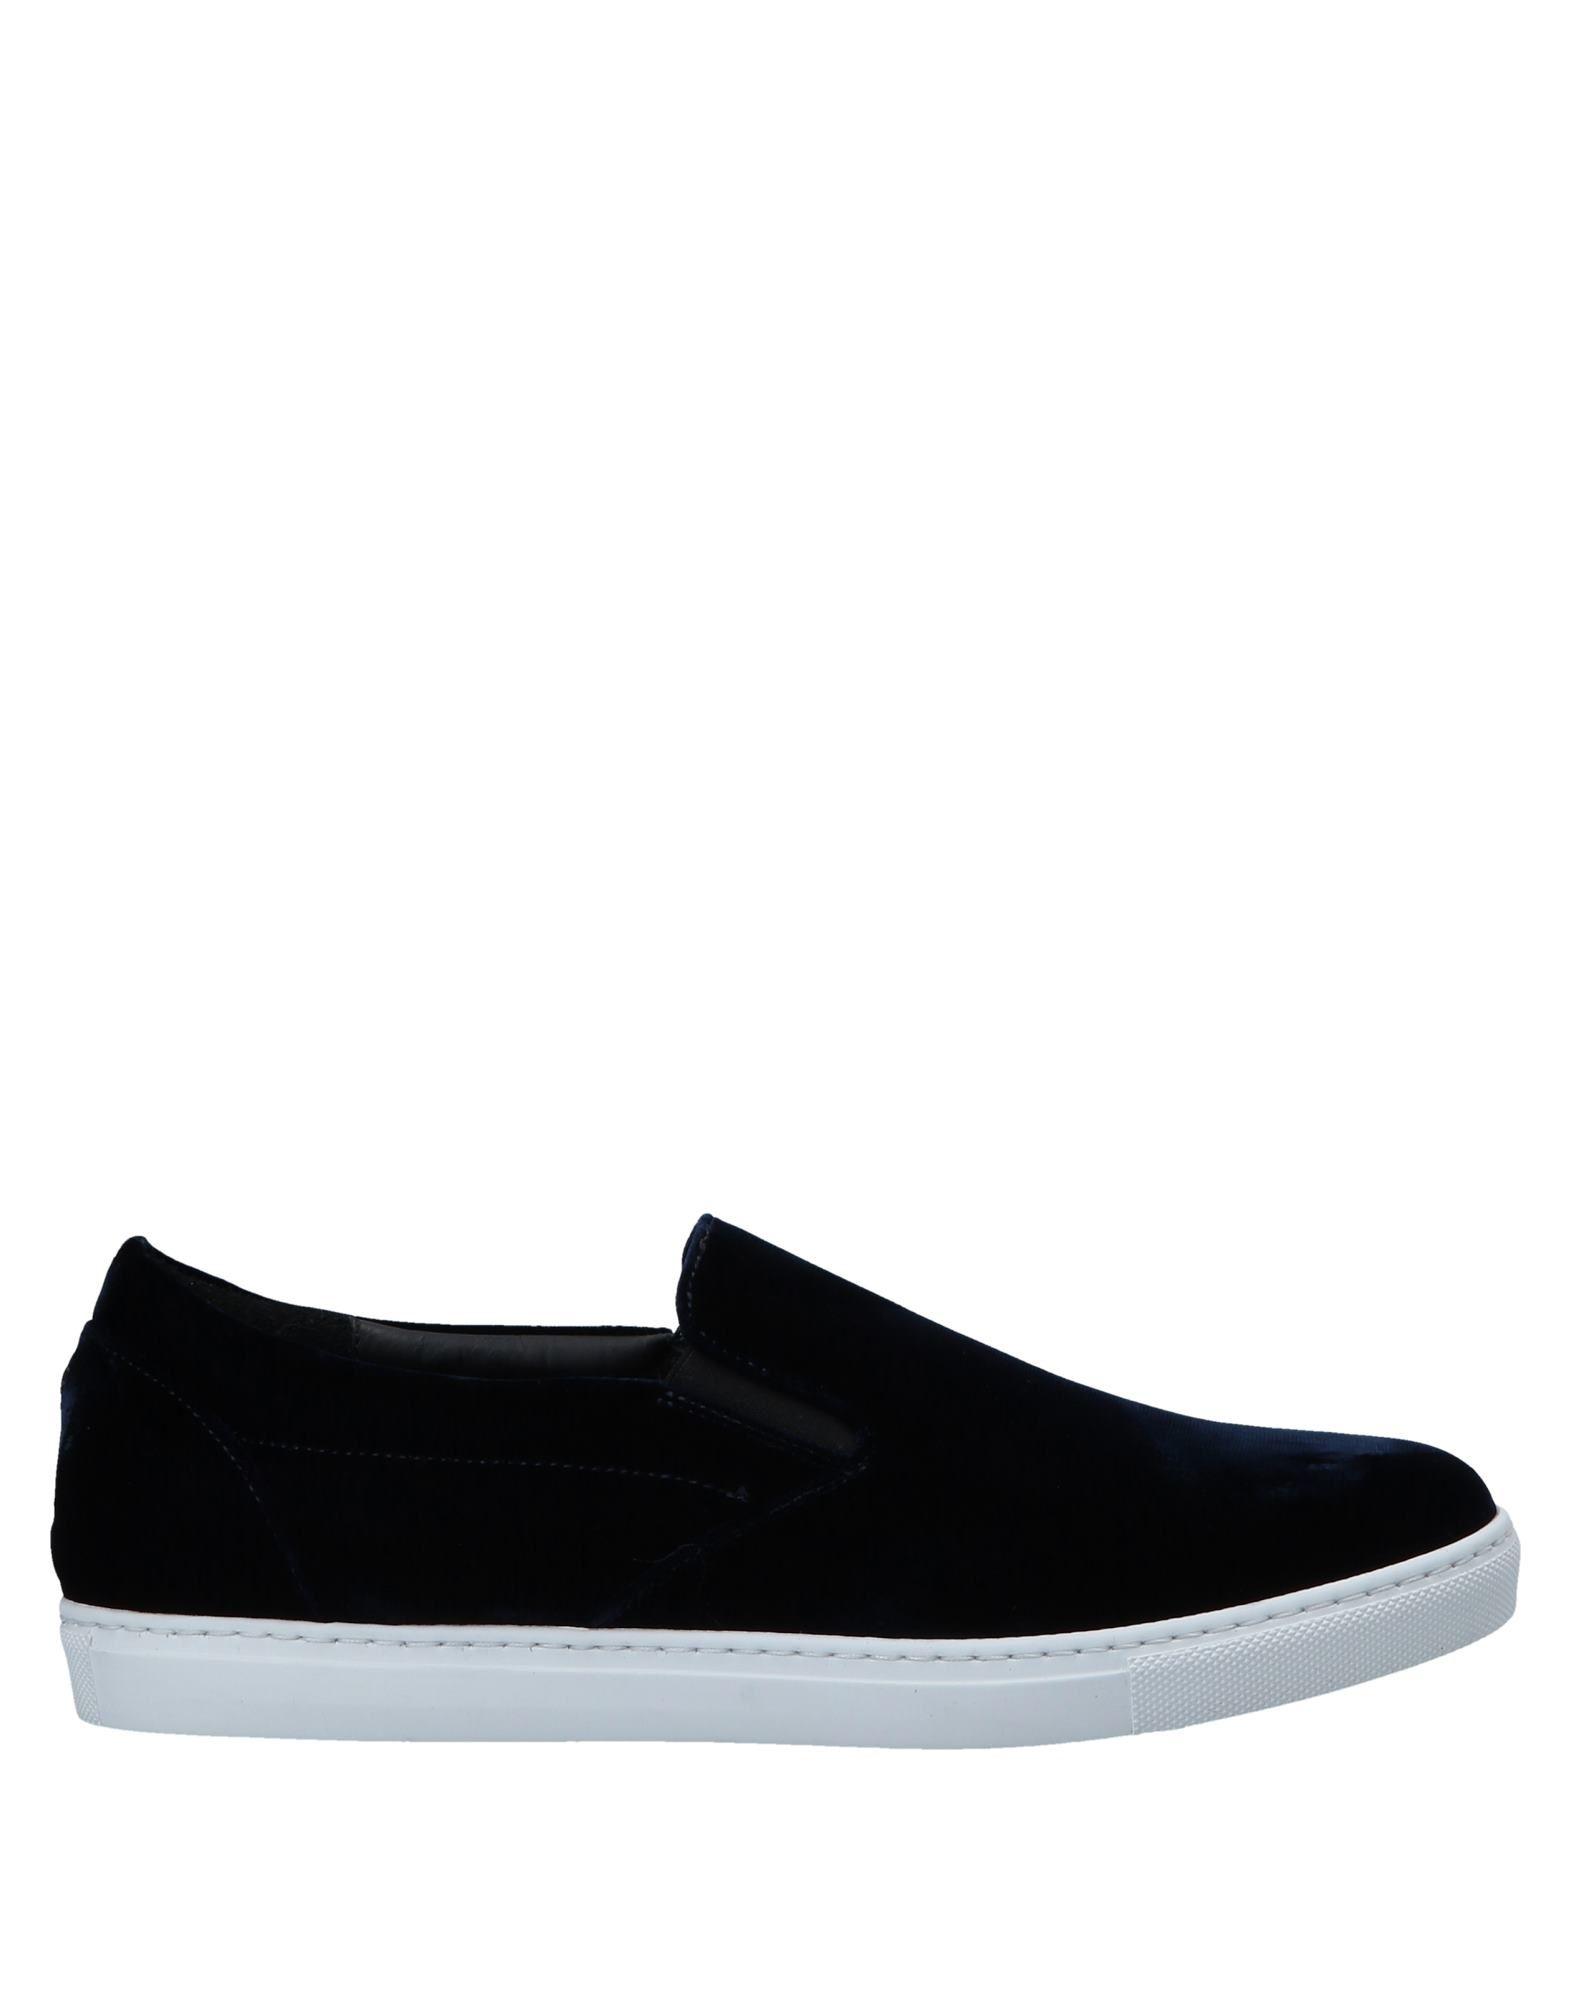 Dsquared2 Sneakers Herren  11553830UK Gute Qualität beliebte Schuhe